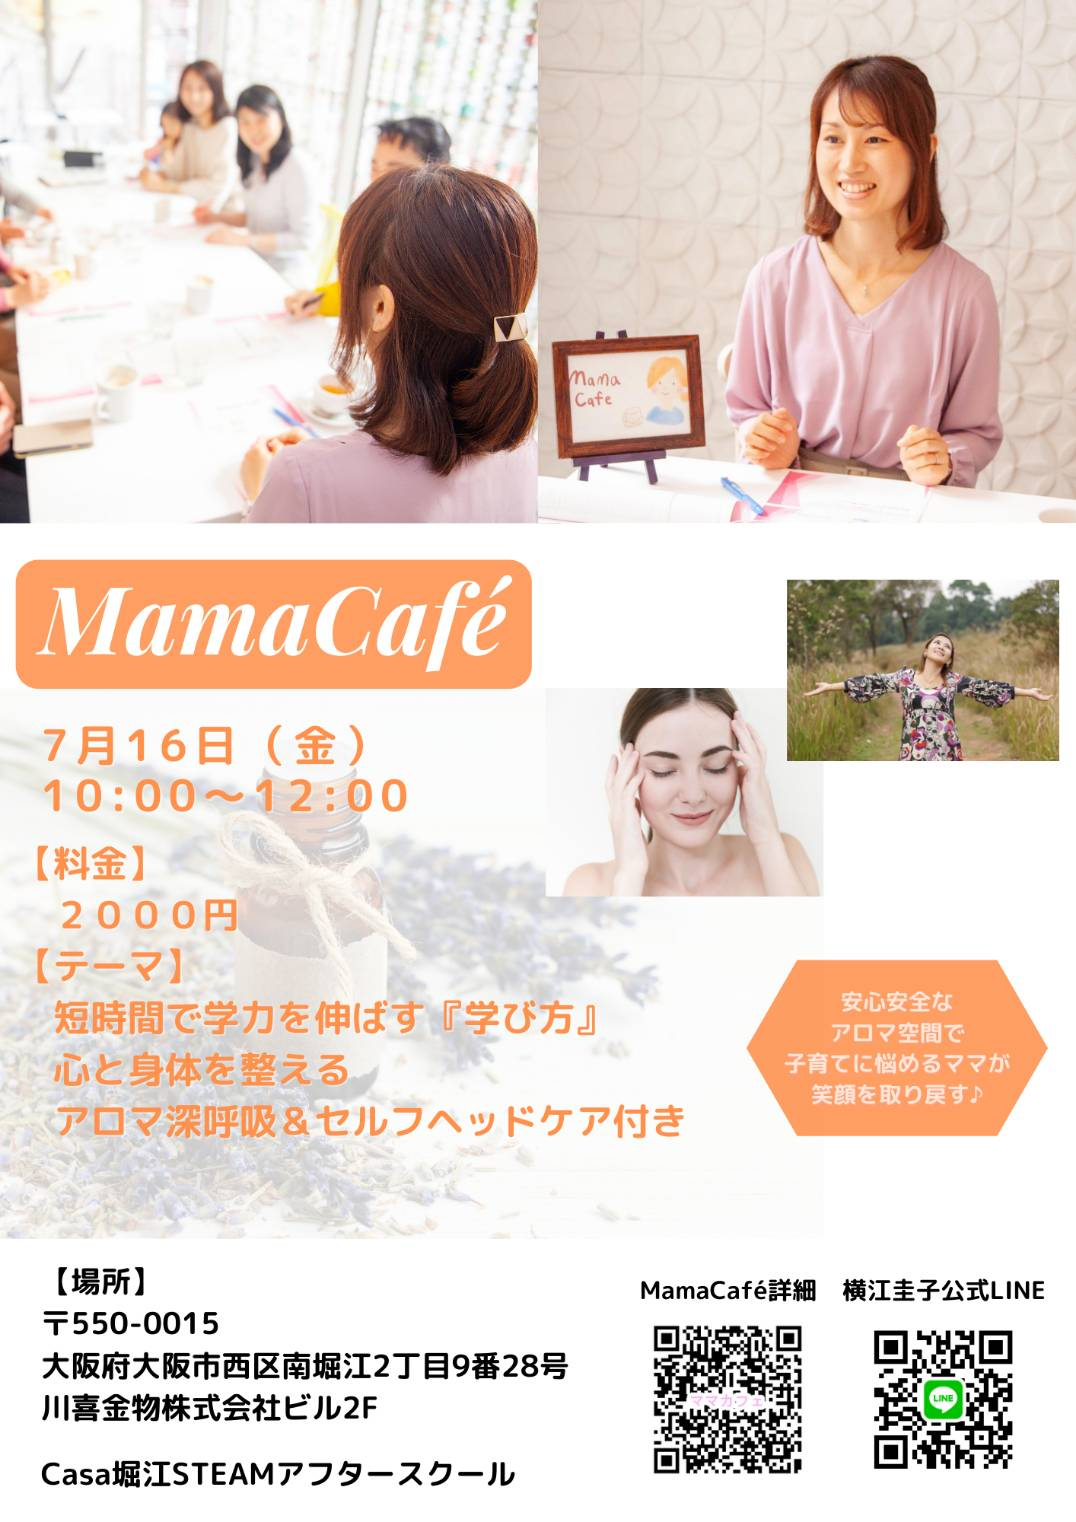 7/16(金)MamaCafé テーマ「短時間で学力を伸ばす『学び方』」 開催します